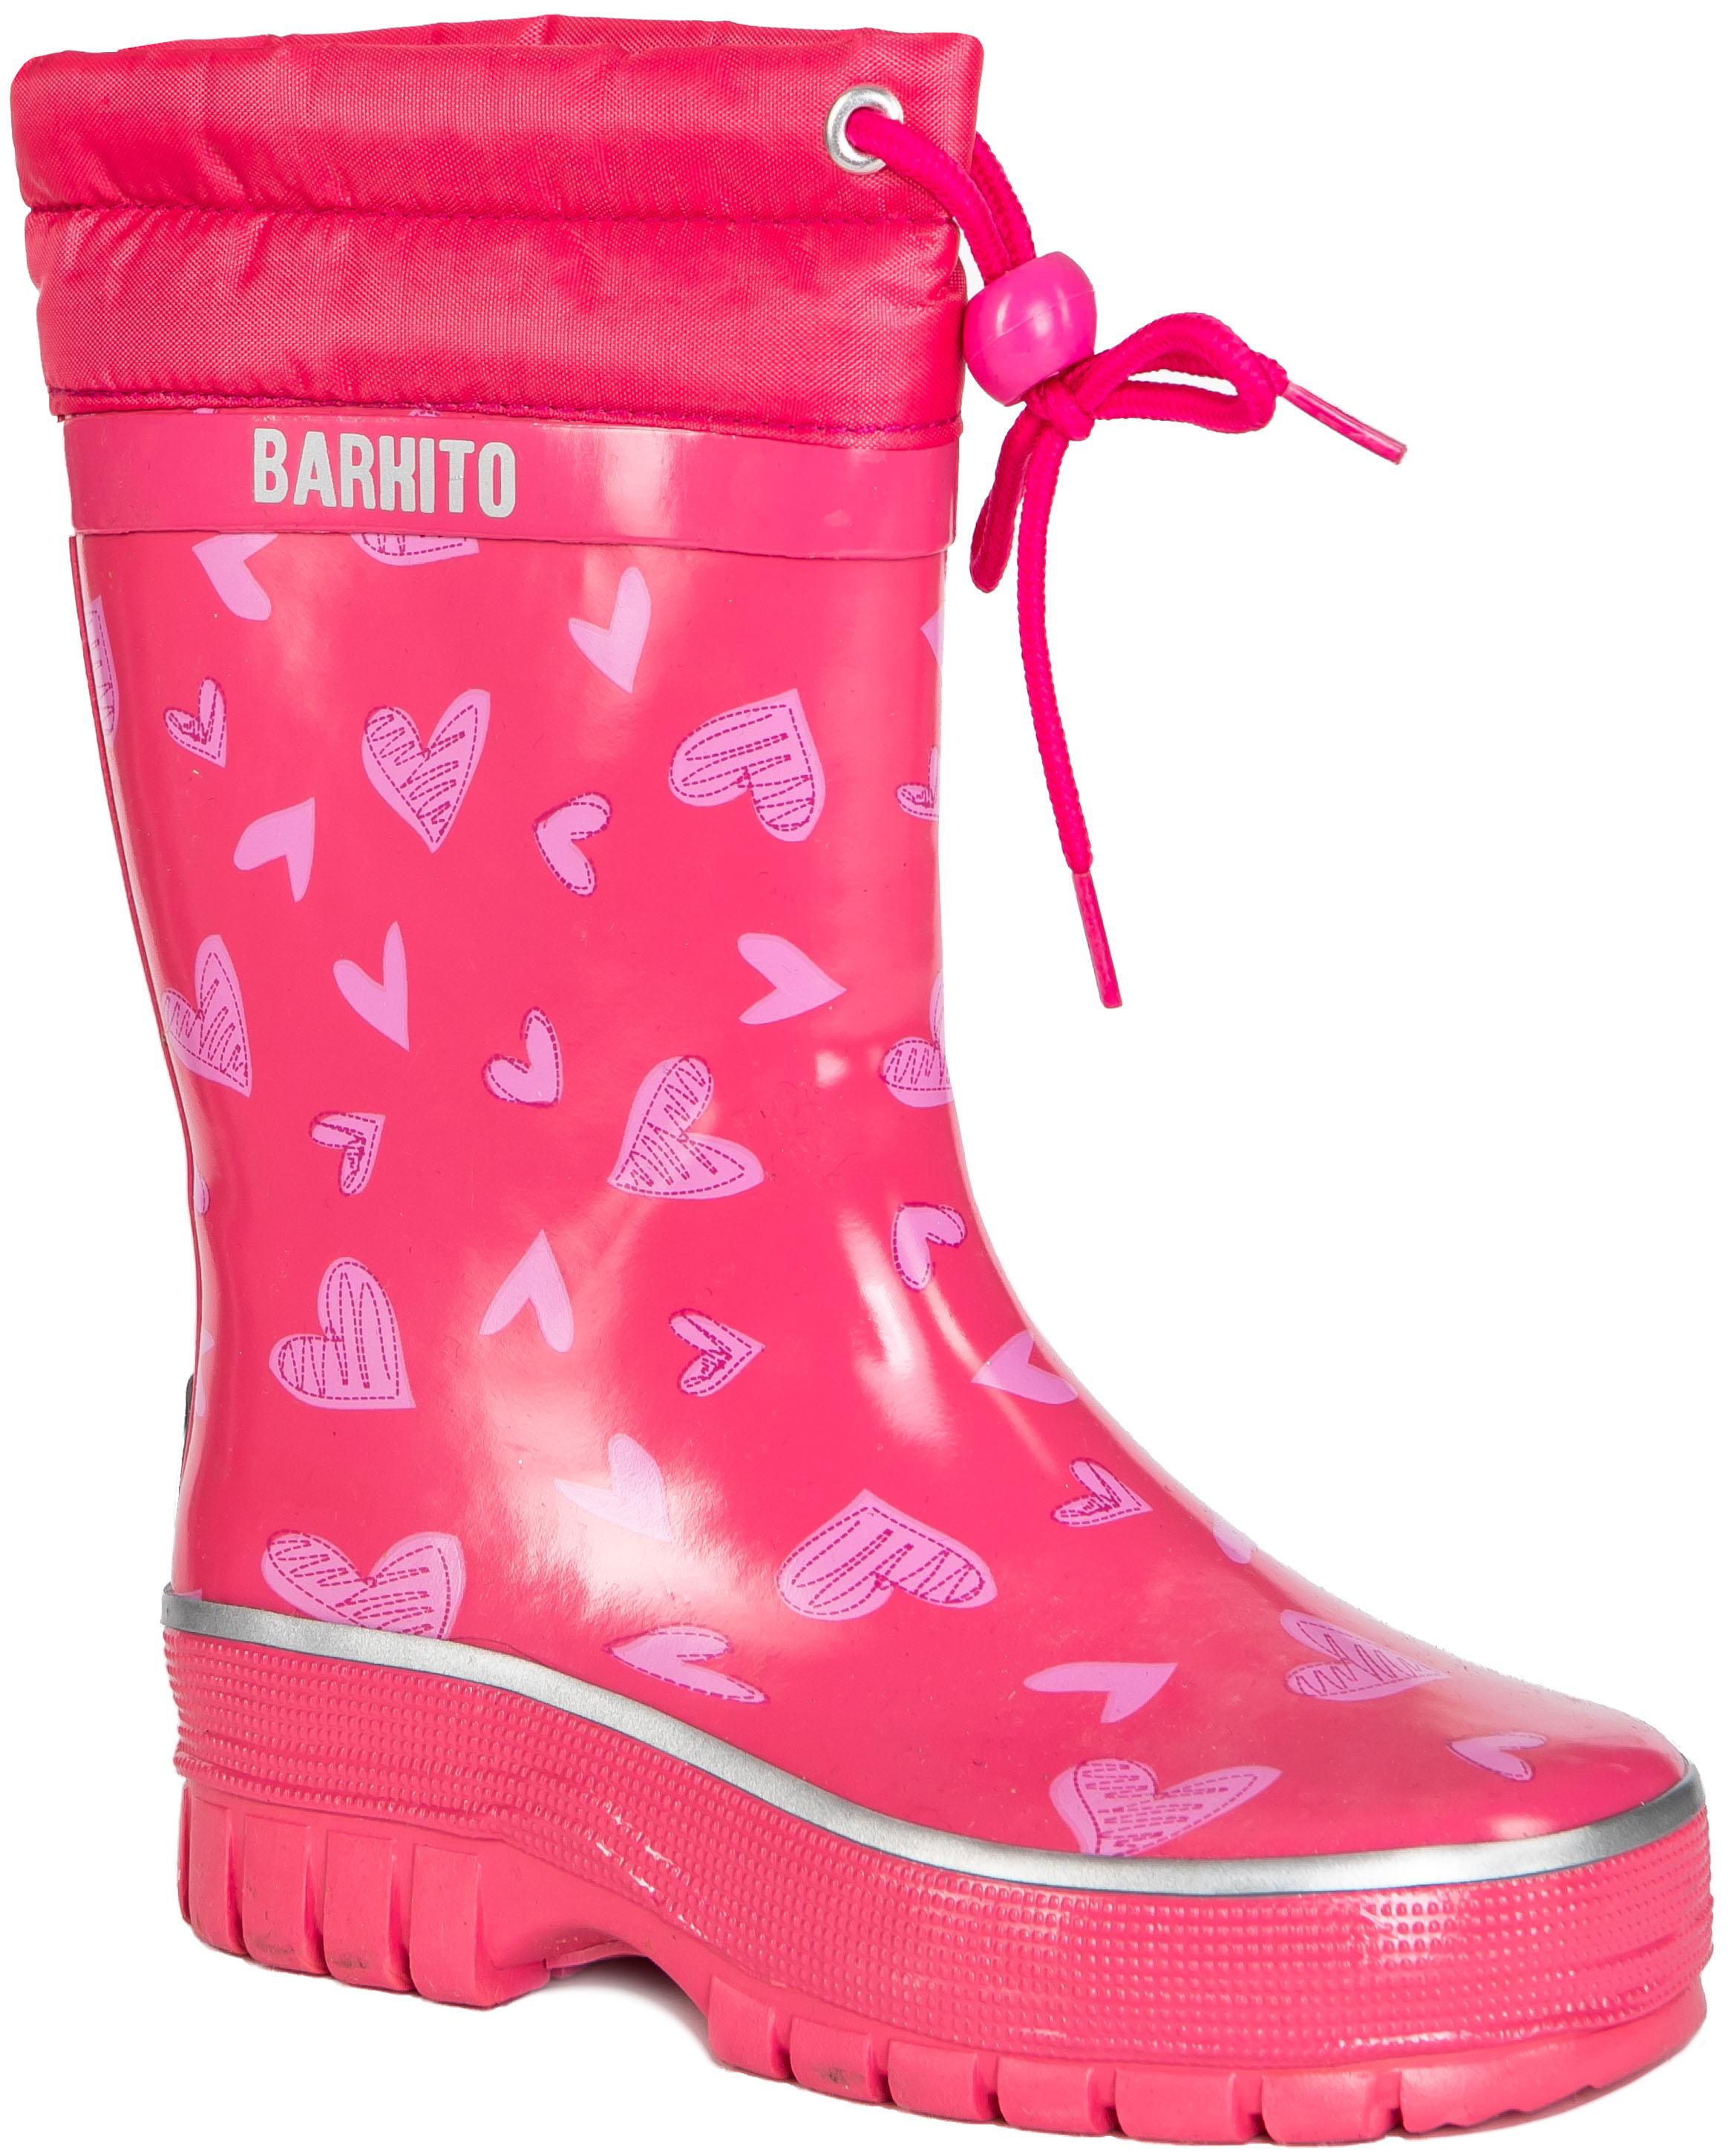 Купить Резиновые сапоги, KRS18205-2, Barkito, Китай, pink, Женский